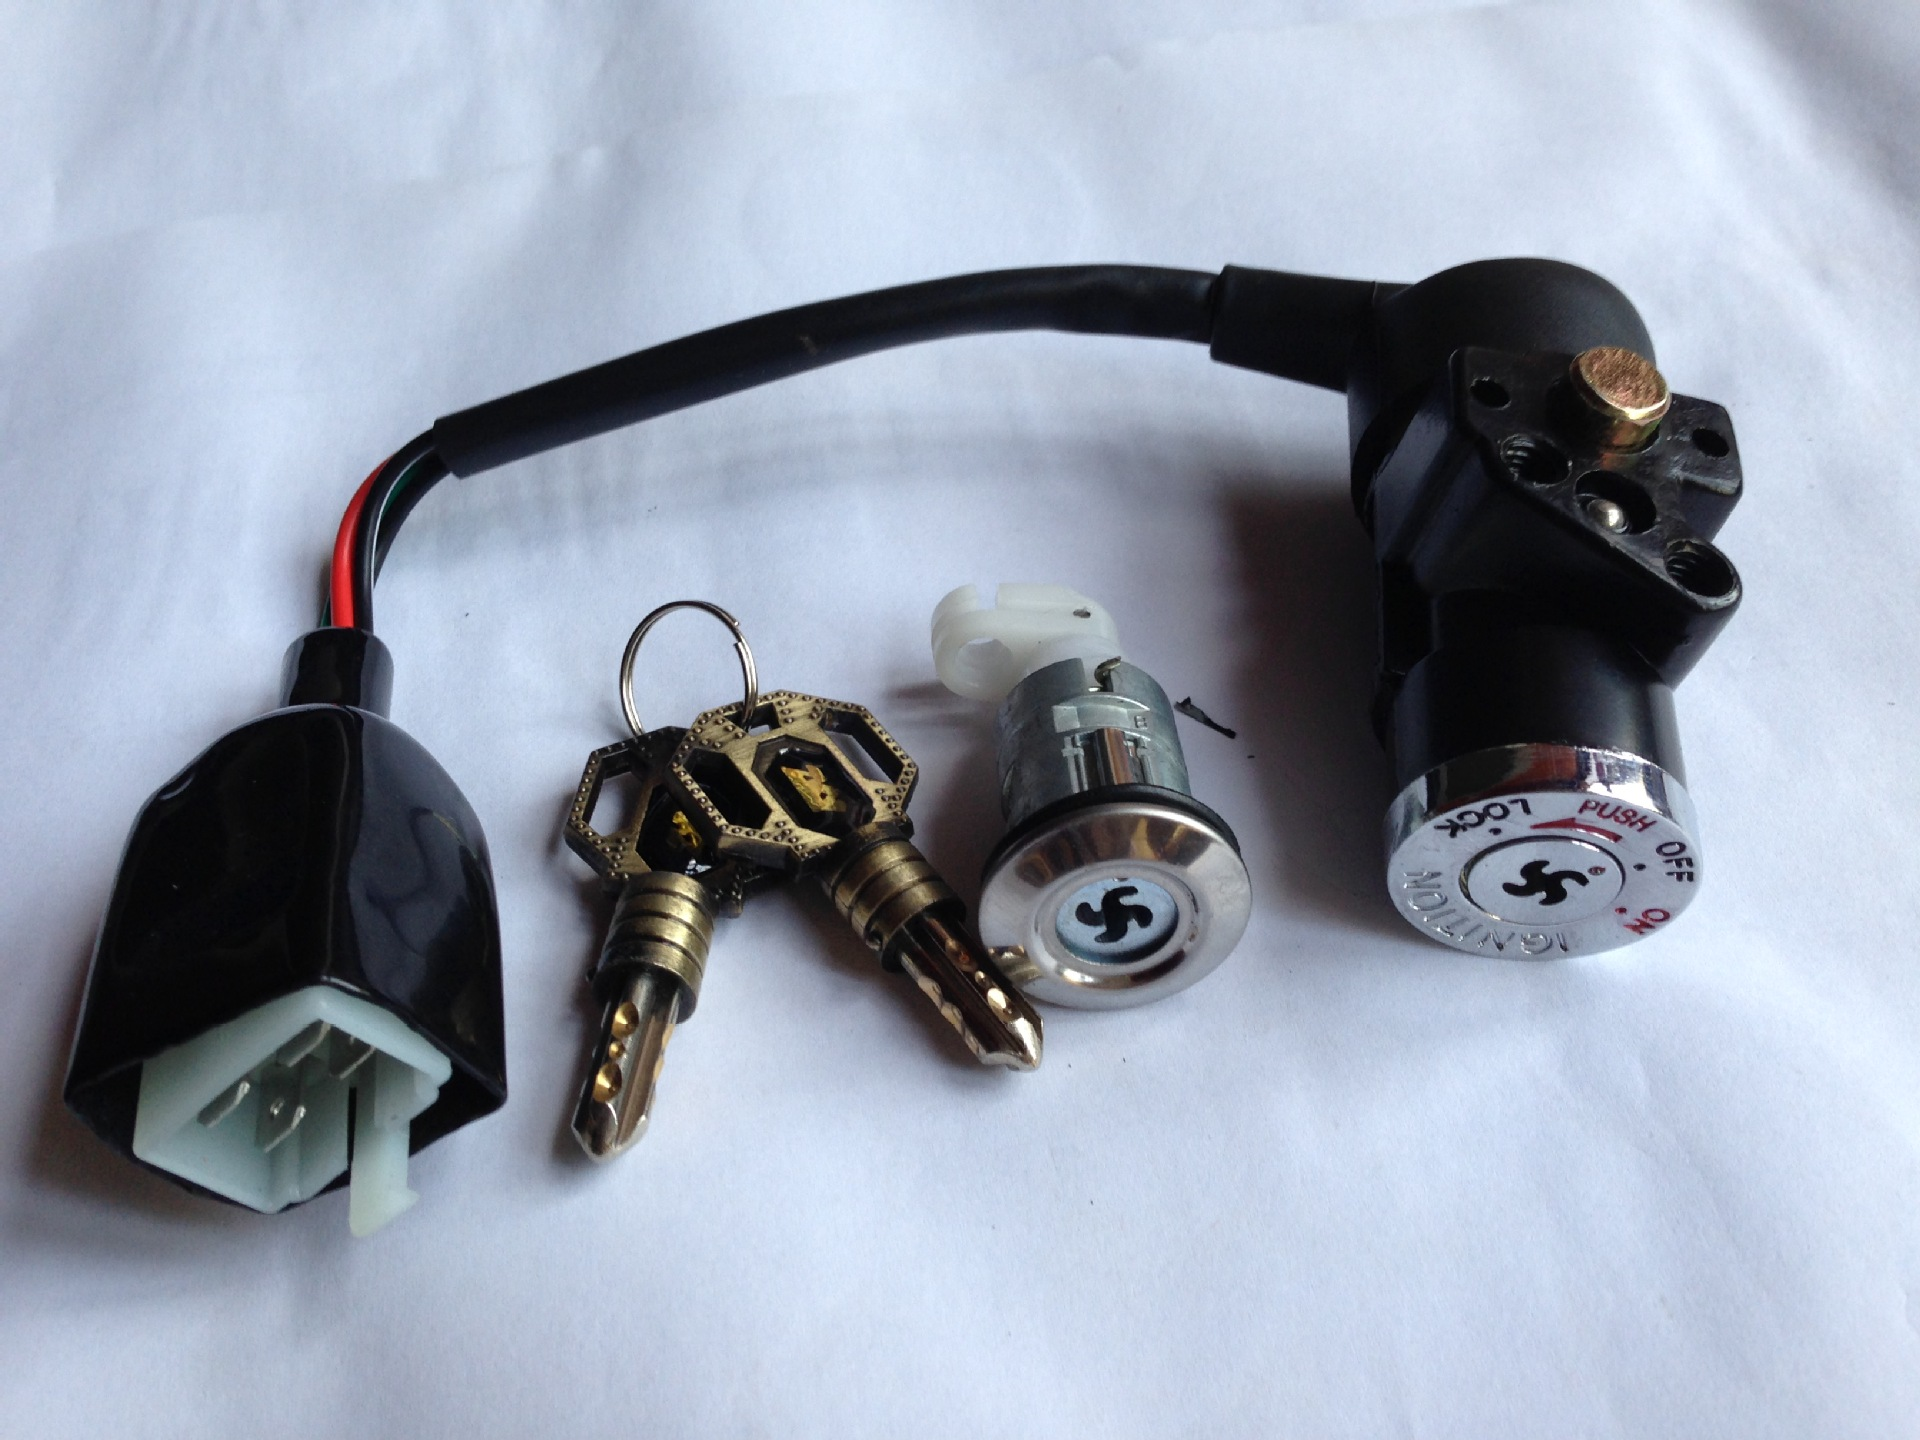 厂家直销摩托车锁十字锁电门锁摩托车套锁